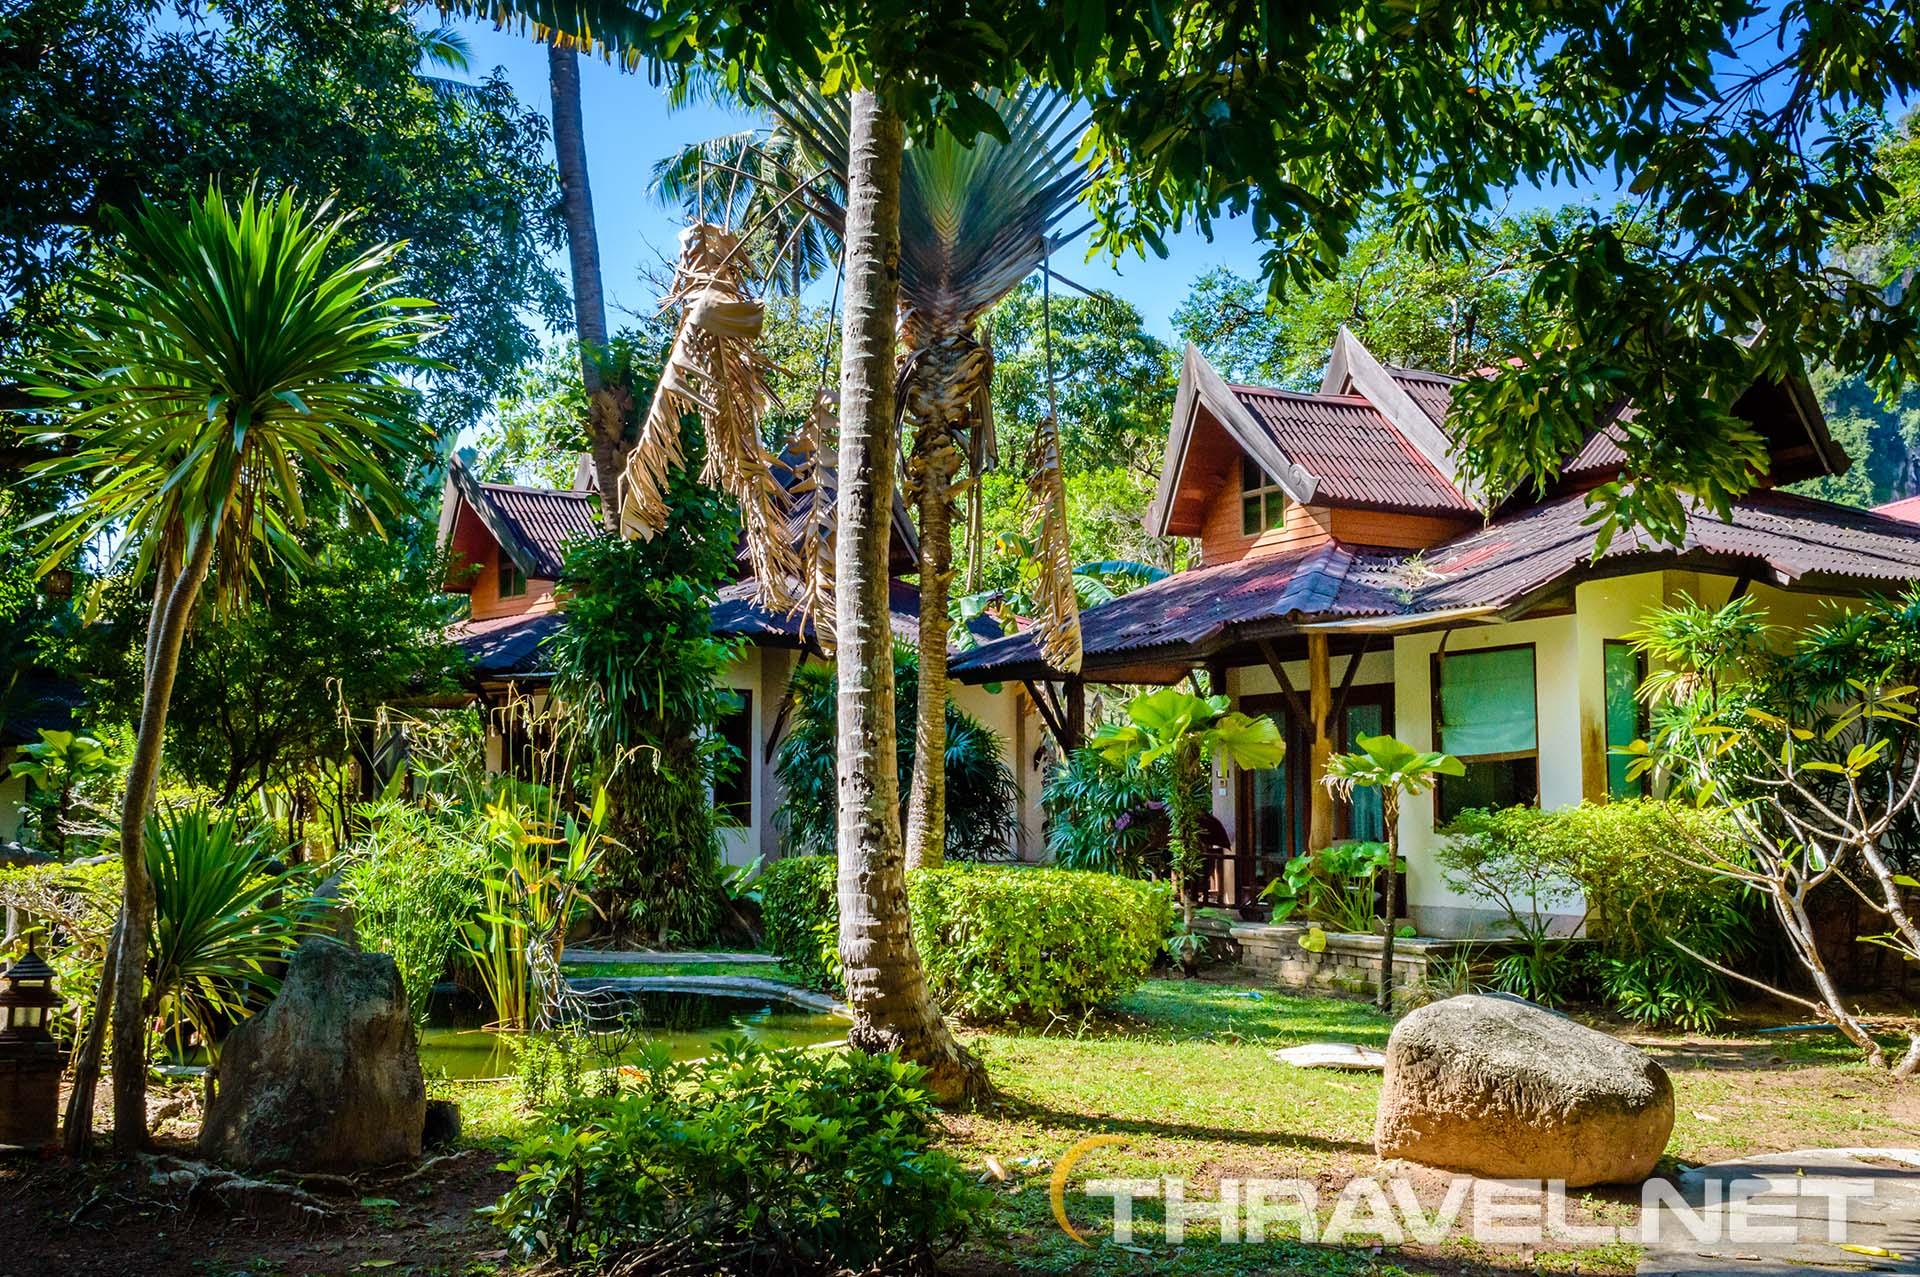 Railey-beach-Thailand-hotels